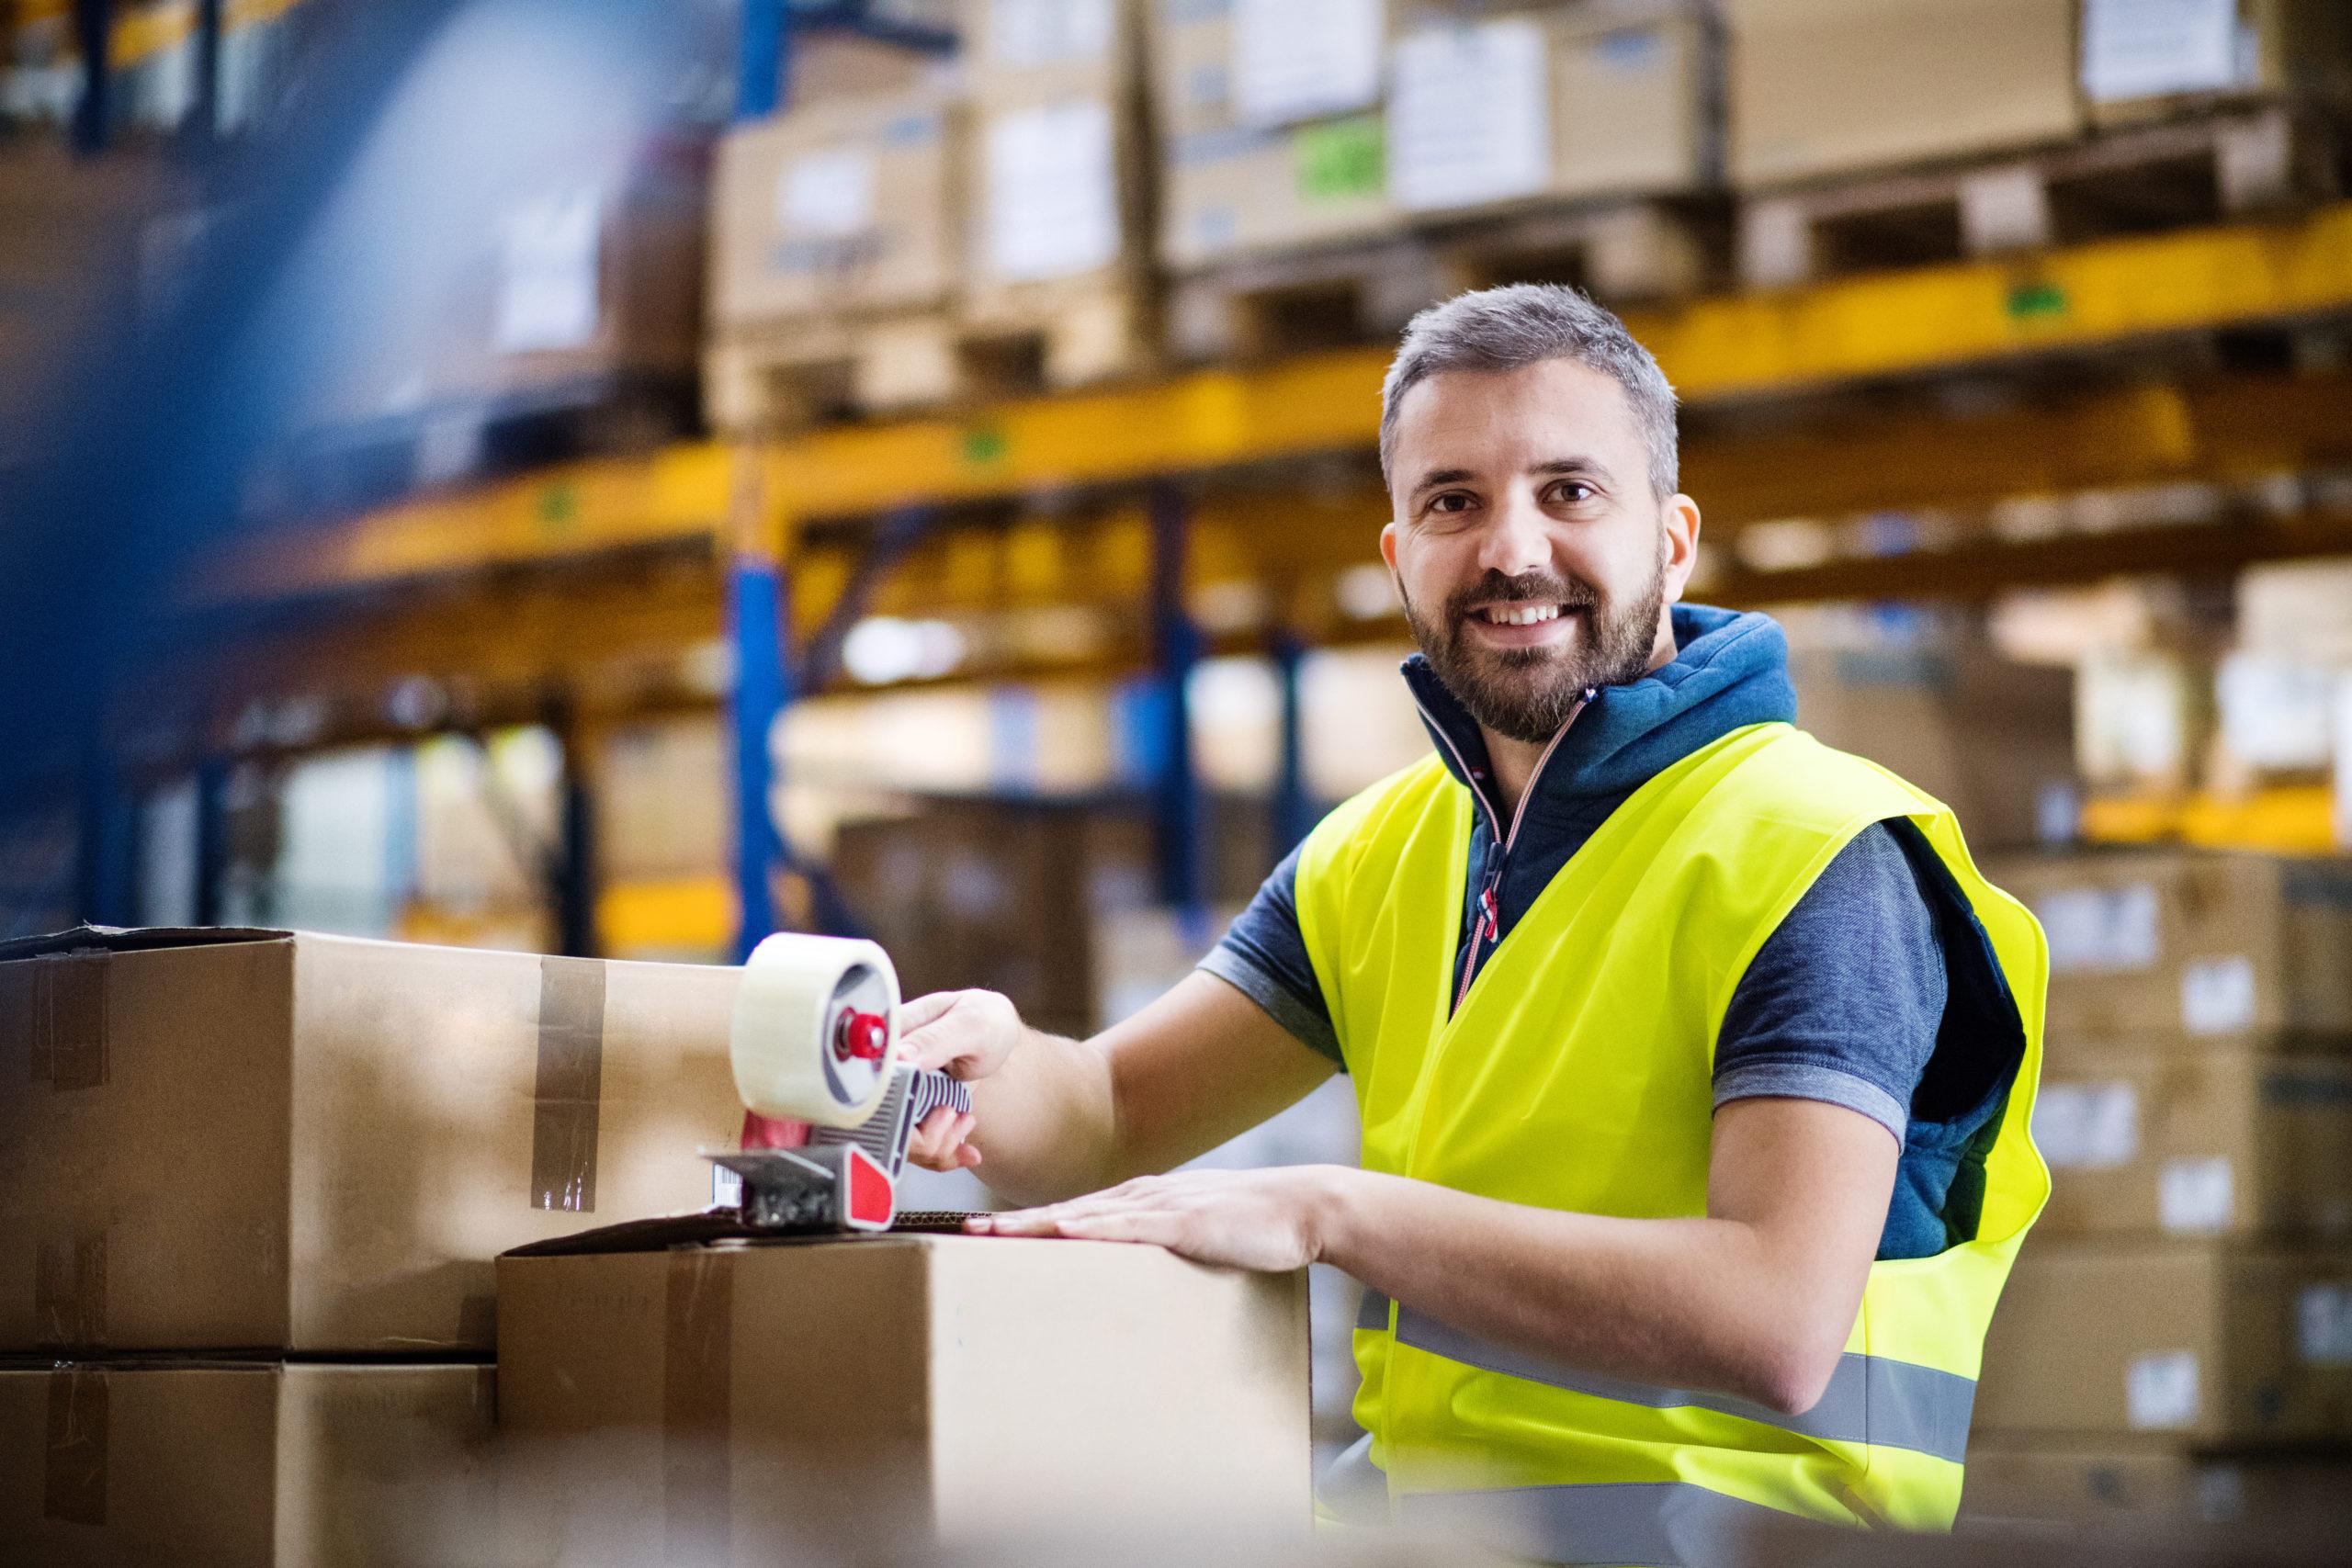 fulfilment logistyka dla e-commerce pakowanie wysyłka rozładunek wOpolu